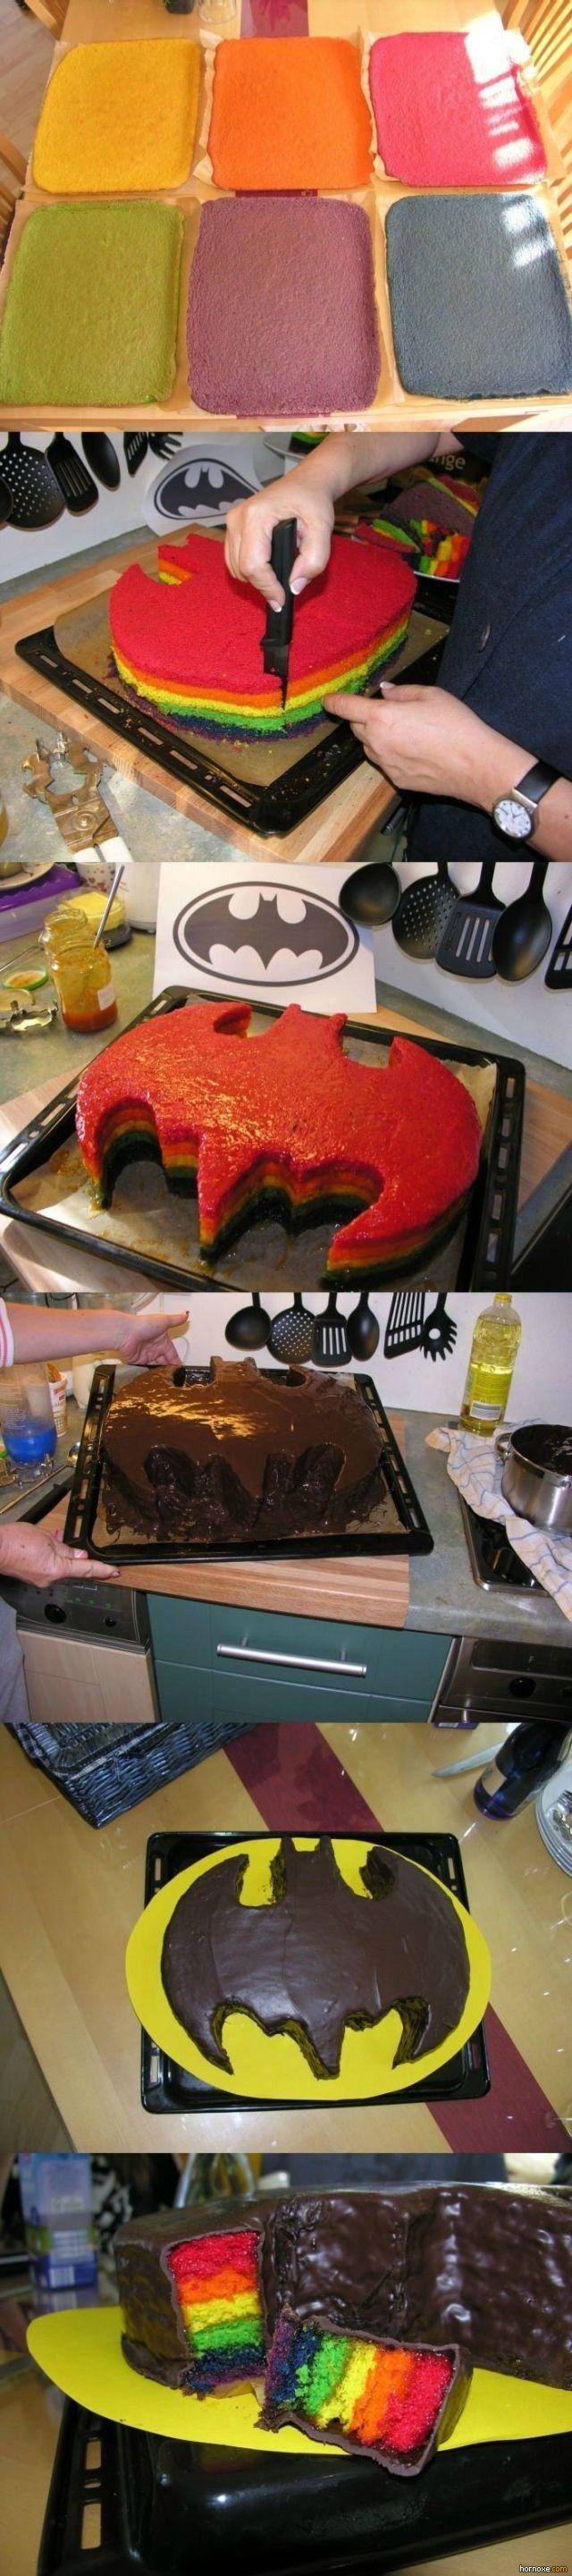 Batman torte für große und kleine fans ein super Überraschung